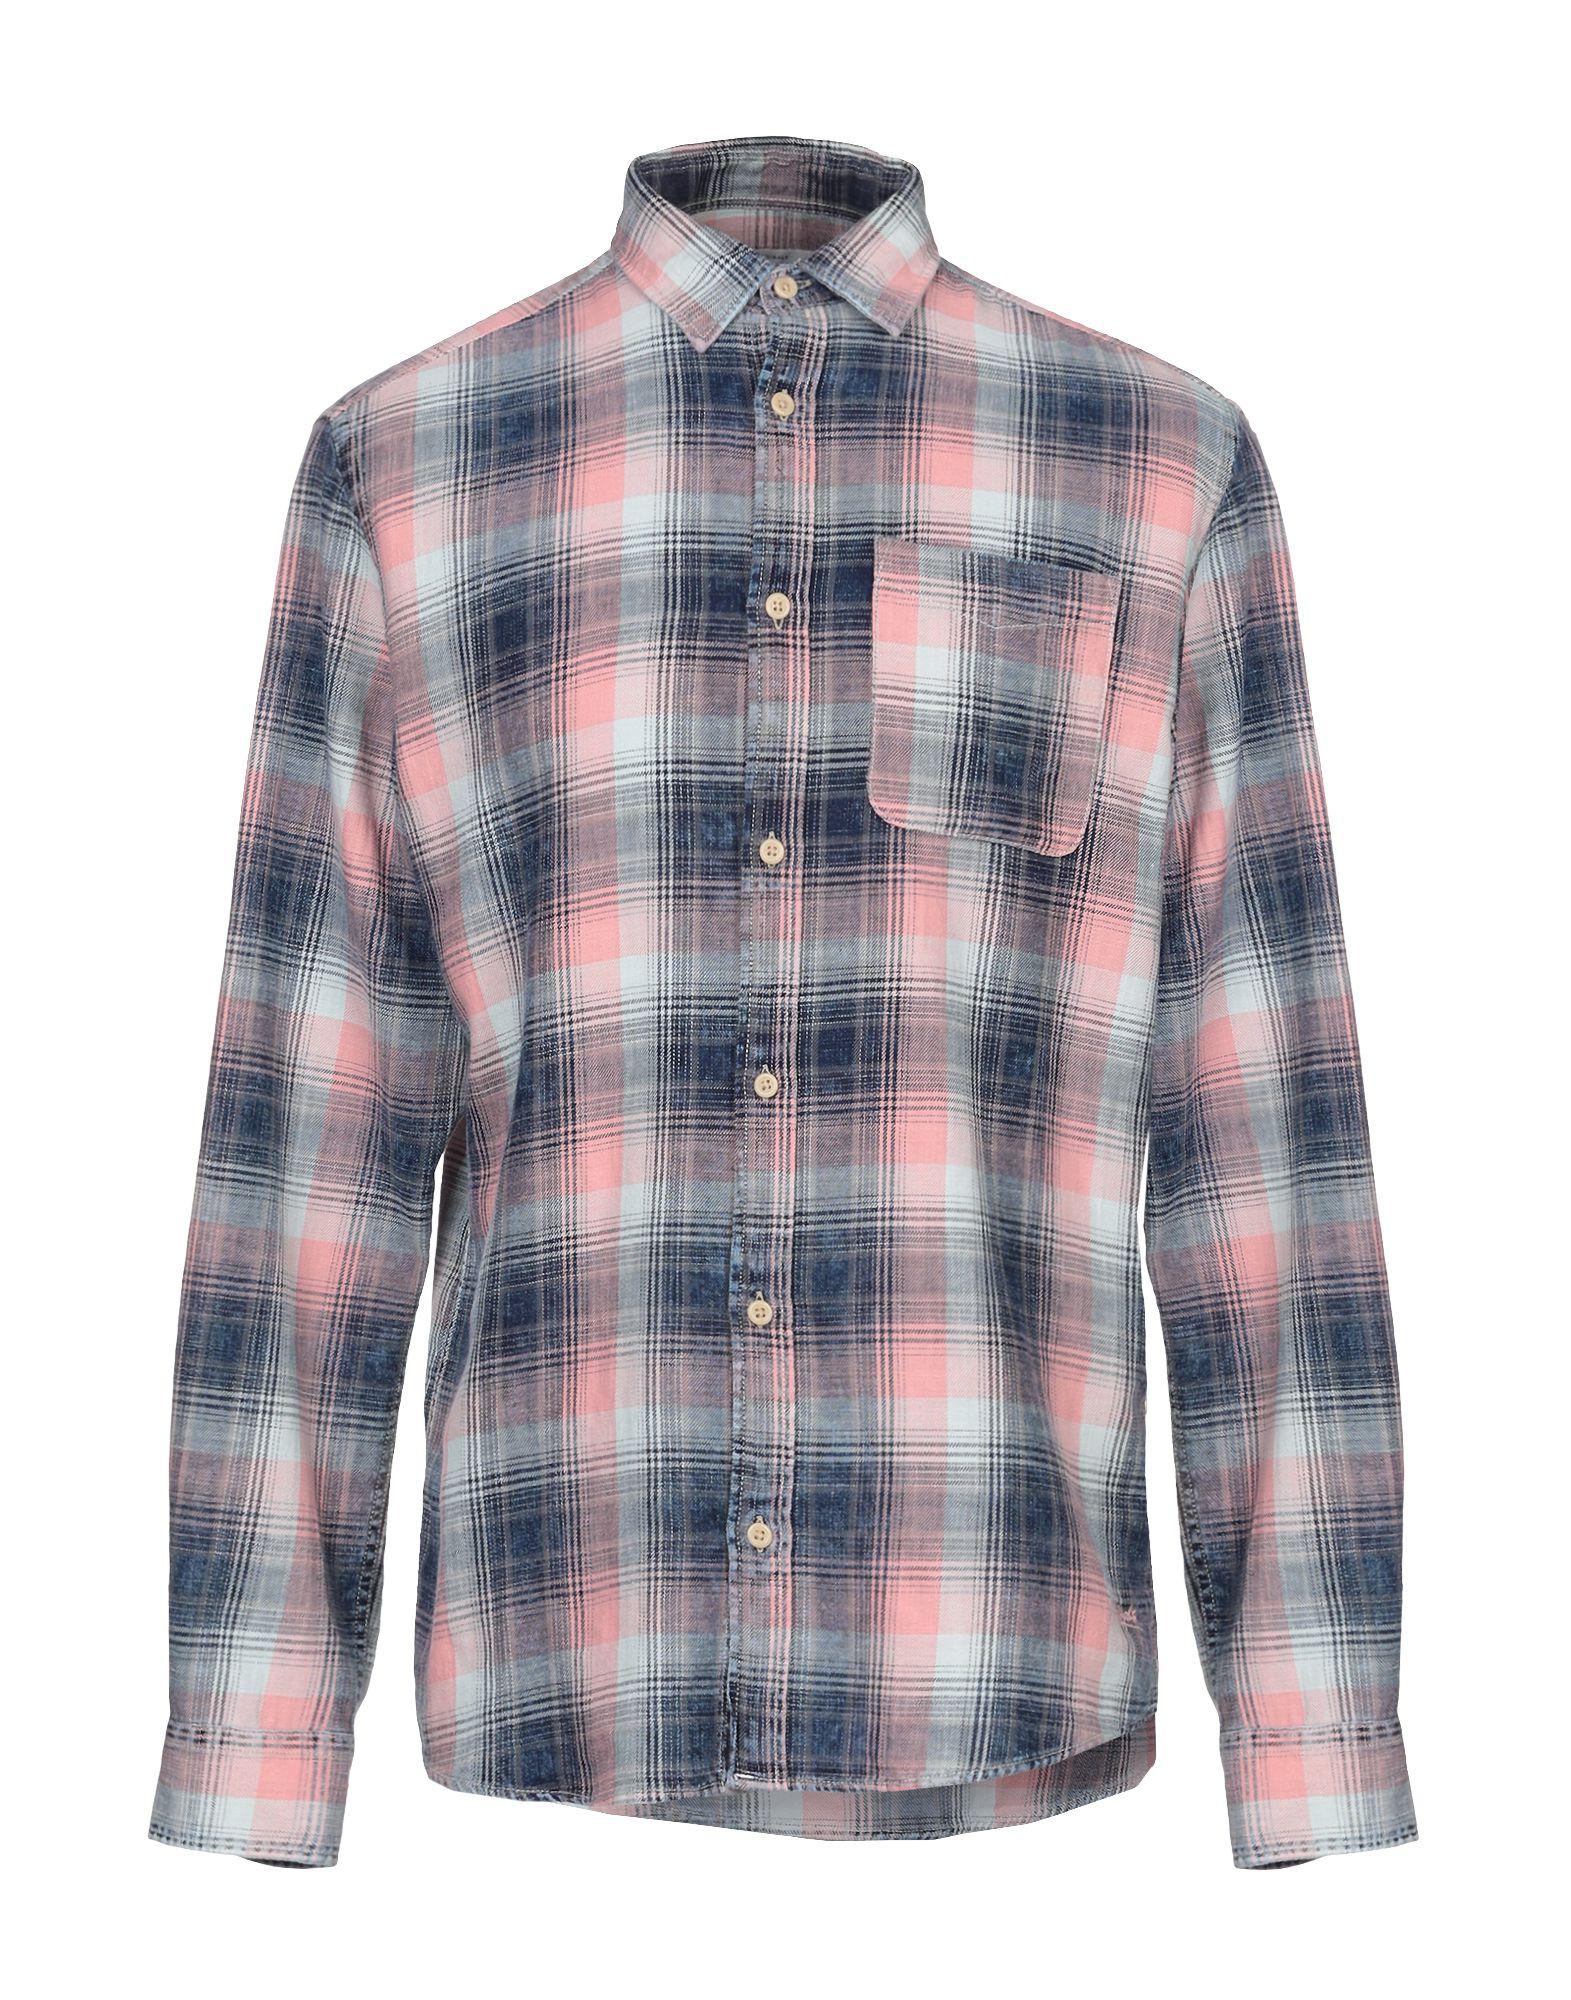 《期間限定セール開催中!》JACK & JONES ORIGINALS メンズ シャツ ピンク S コットン 100%